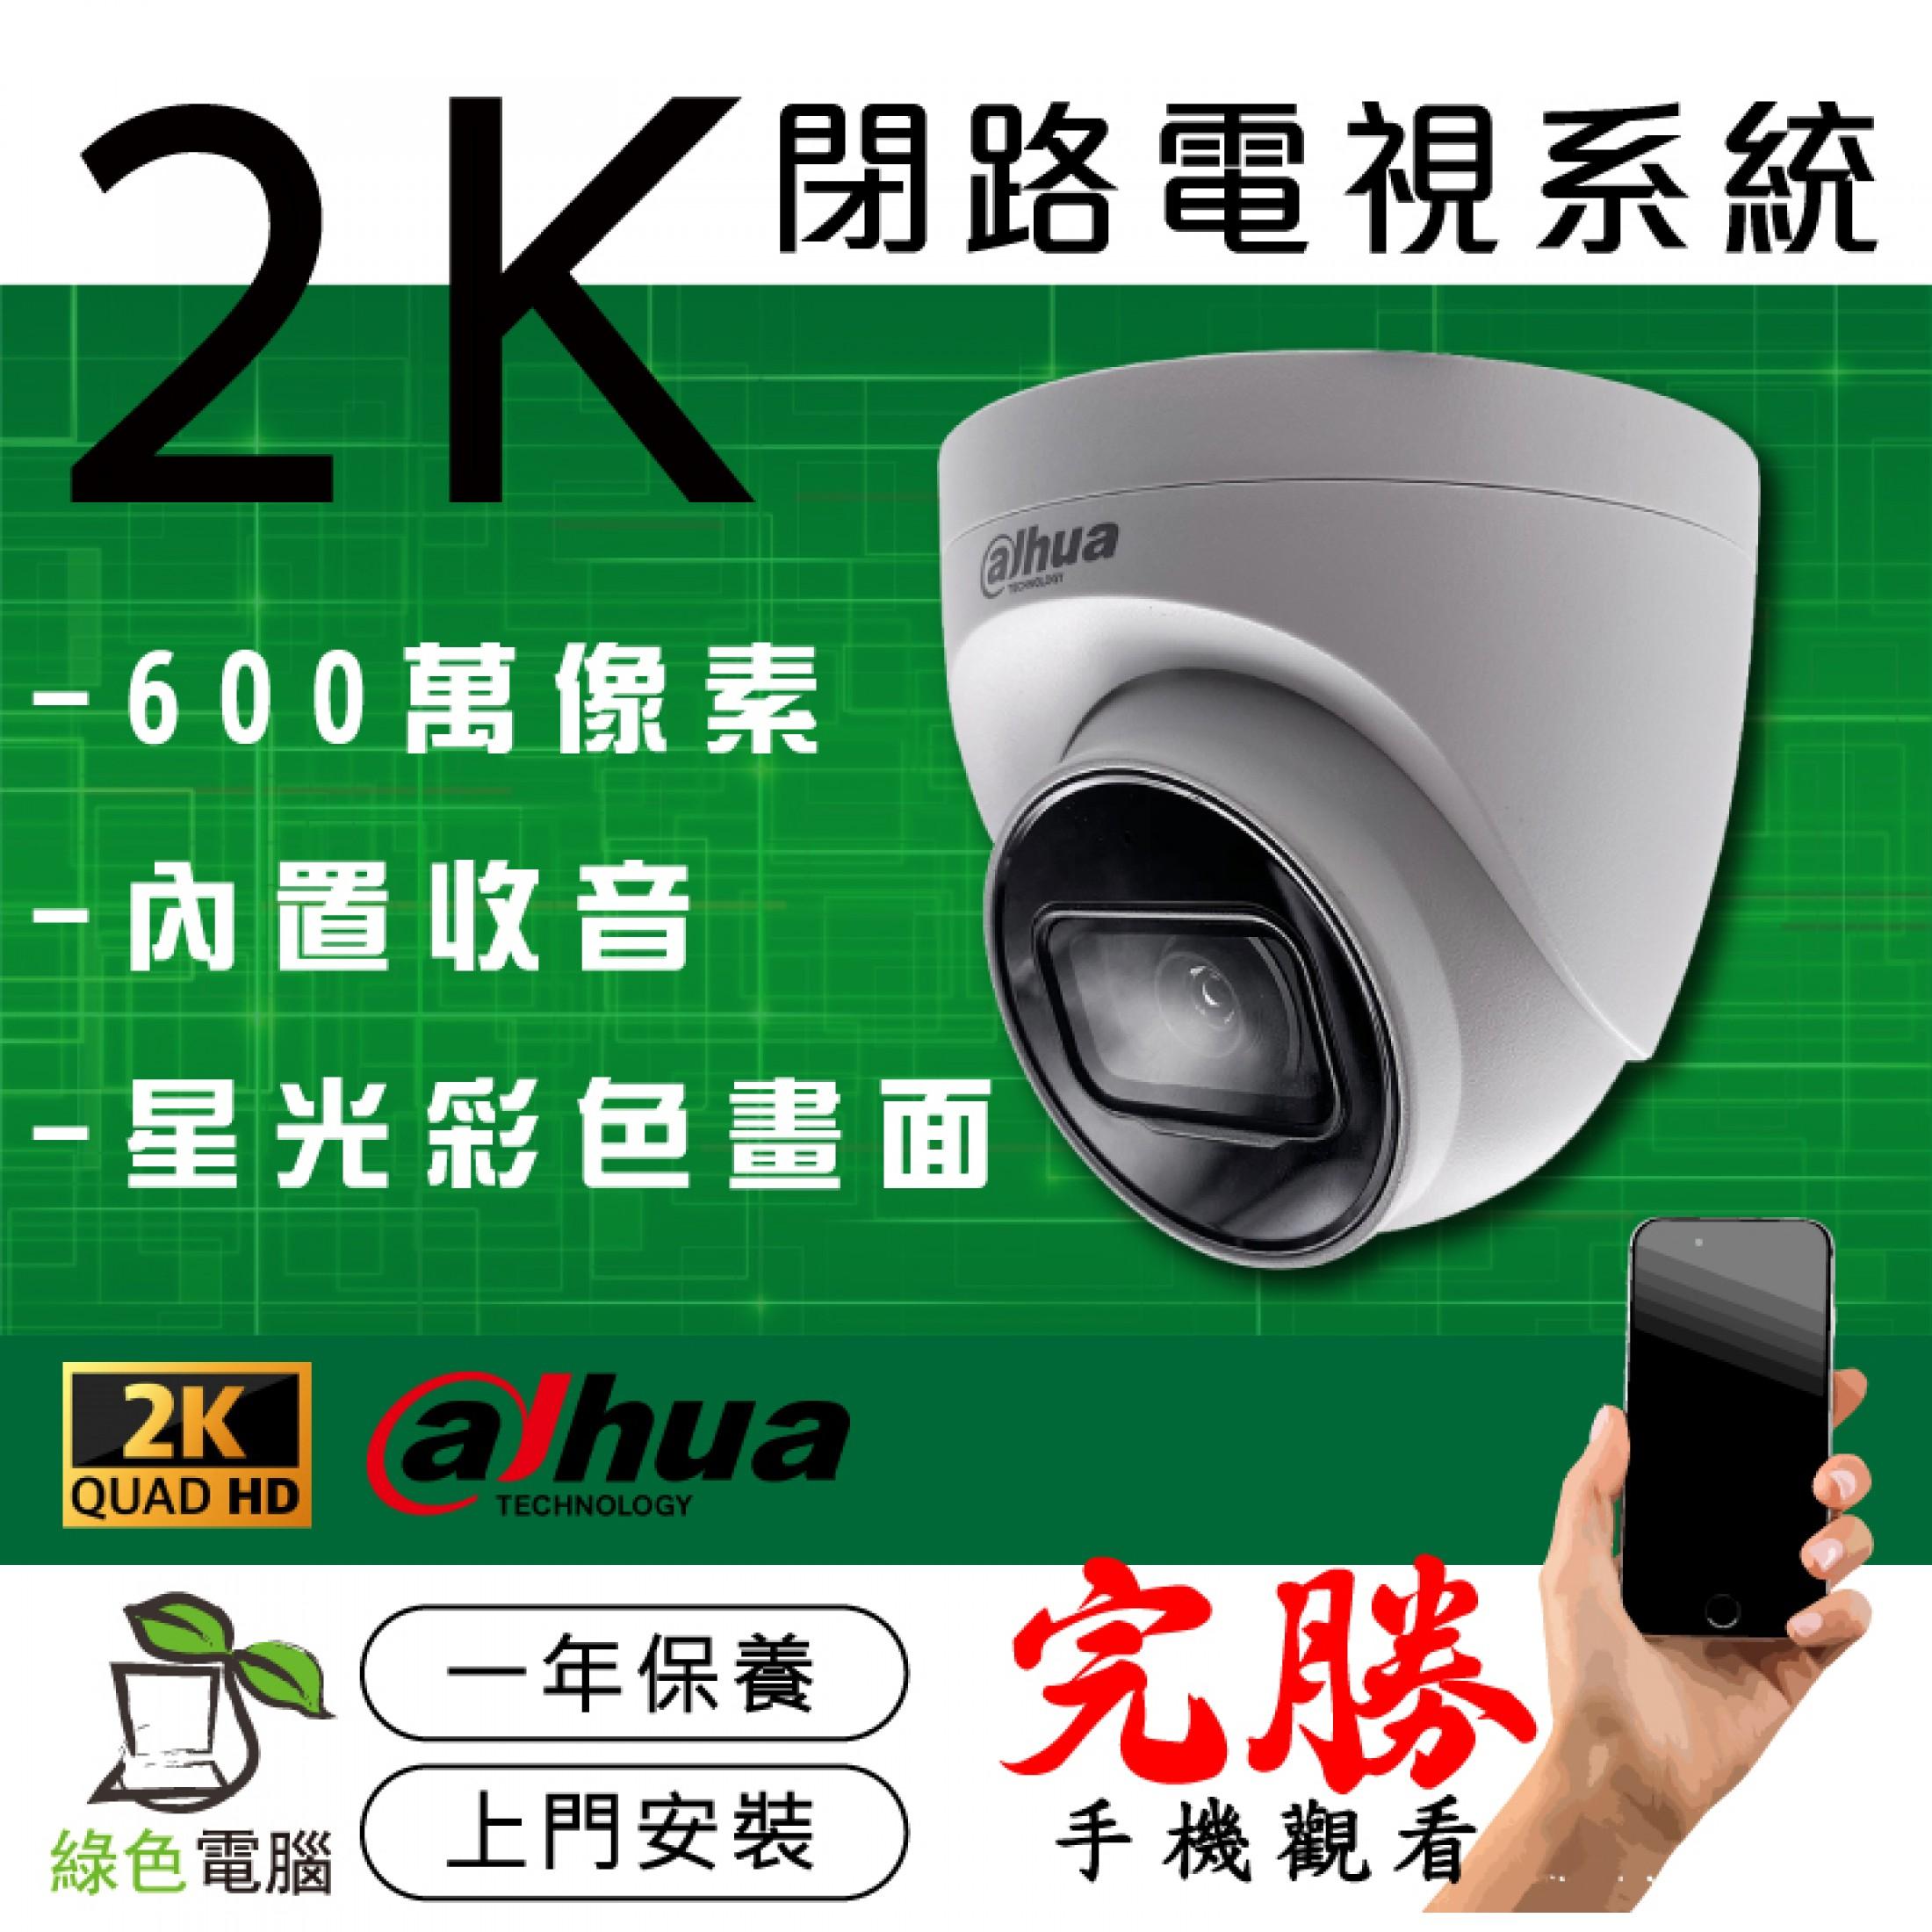 營業好幫手 2.0 - 2K畫質閉路電視安裝服務(收音/高清/夜視)